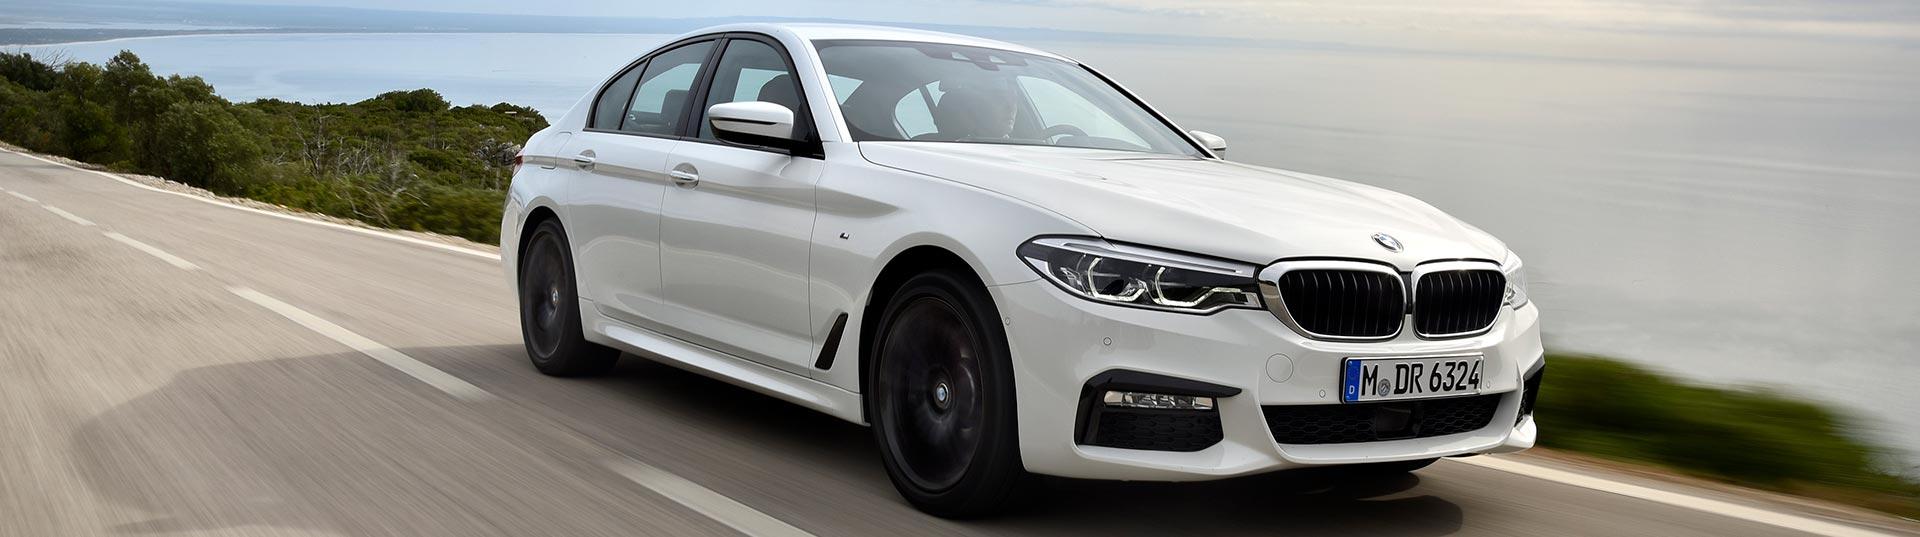 BMW Serei 5